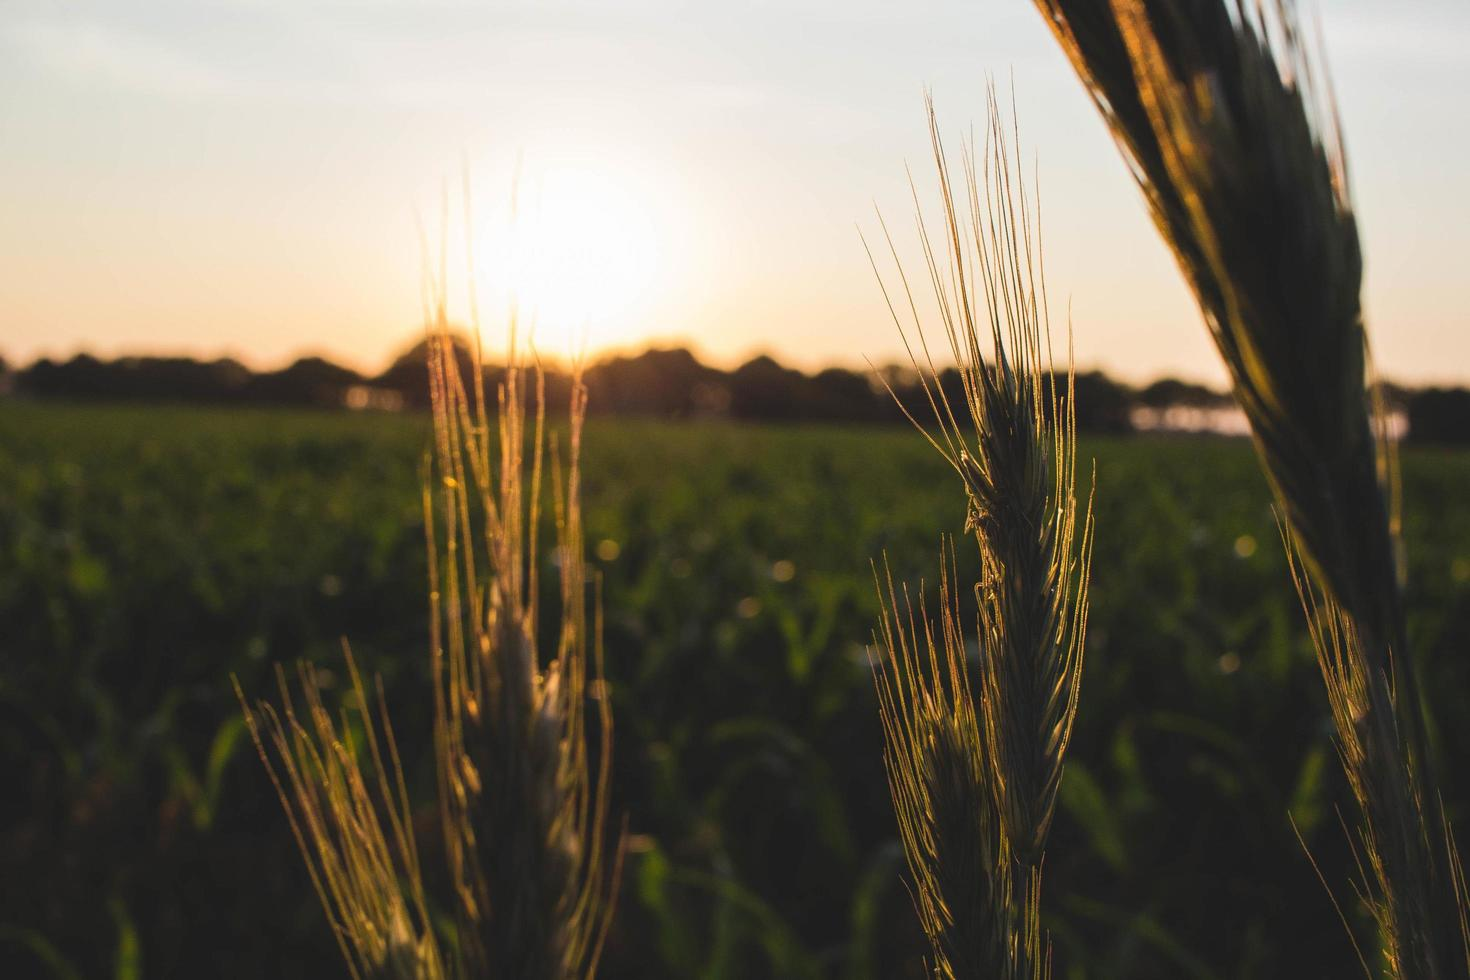 vete fält vid solnedgången foto